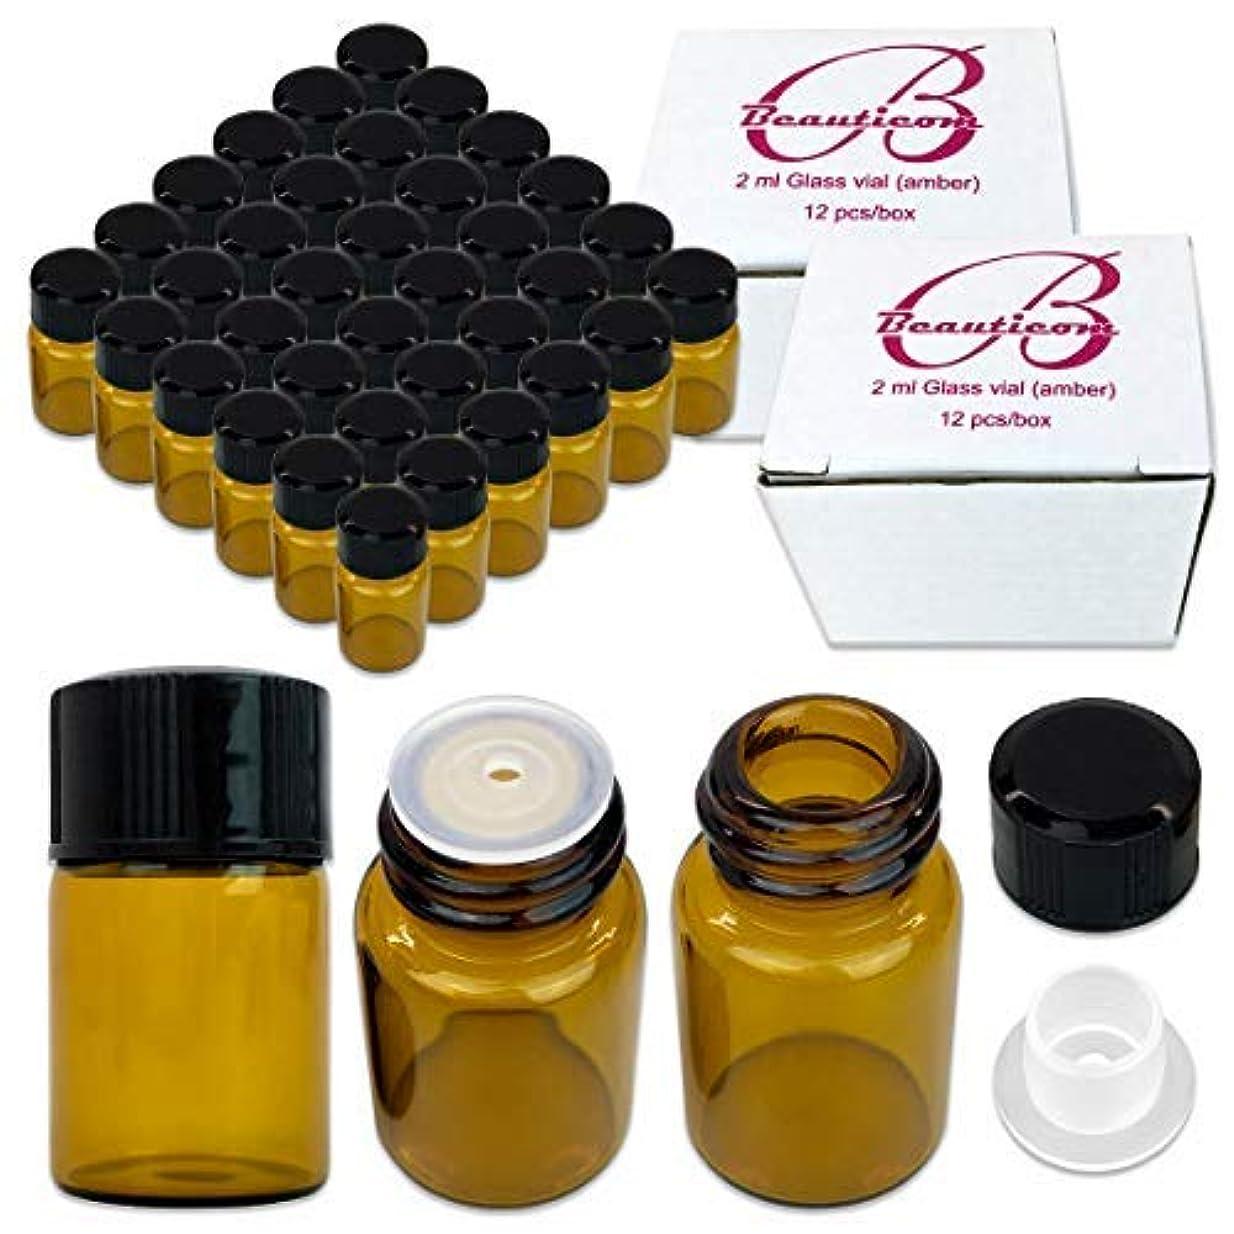 物理学者リビジョンほとんどない72 Packs Beauticom 2ML Amber Glass Vial for Essential Oils, Aromatherapy, Fragrance, Serums, Spritzes, with Orifice...